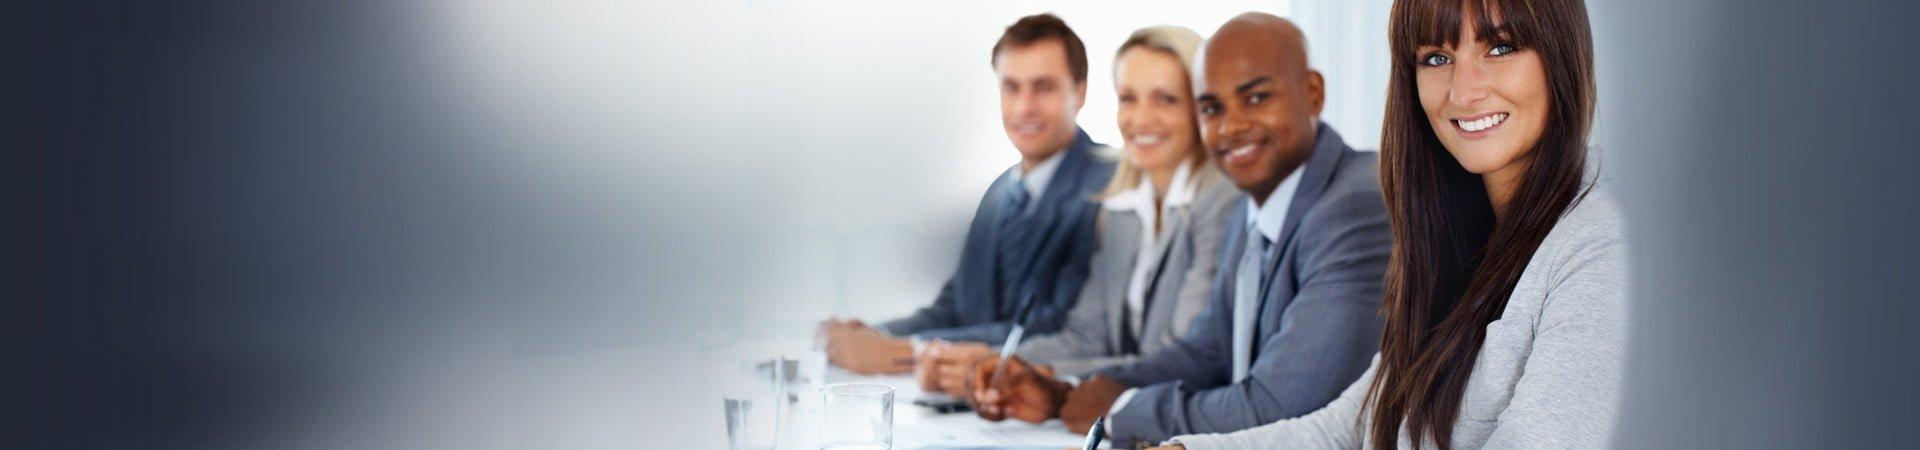 Recrutement relation client, ressources humaines, direction générale, commerciale et marketing